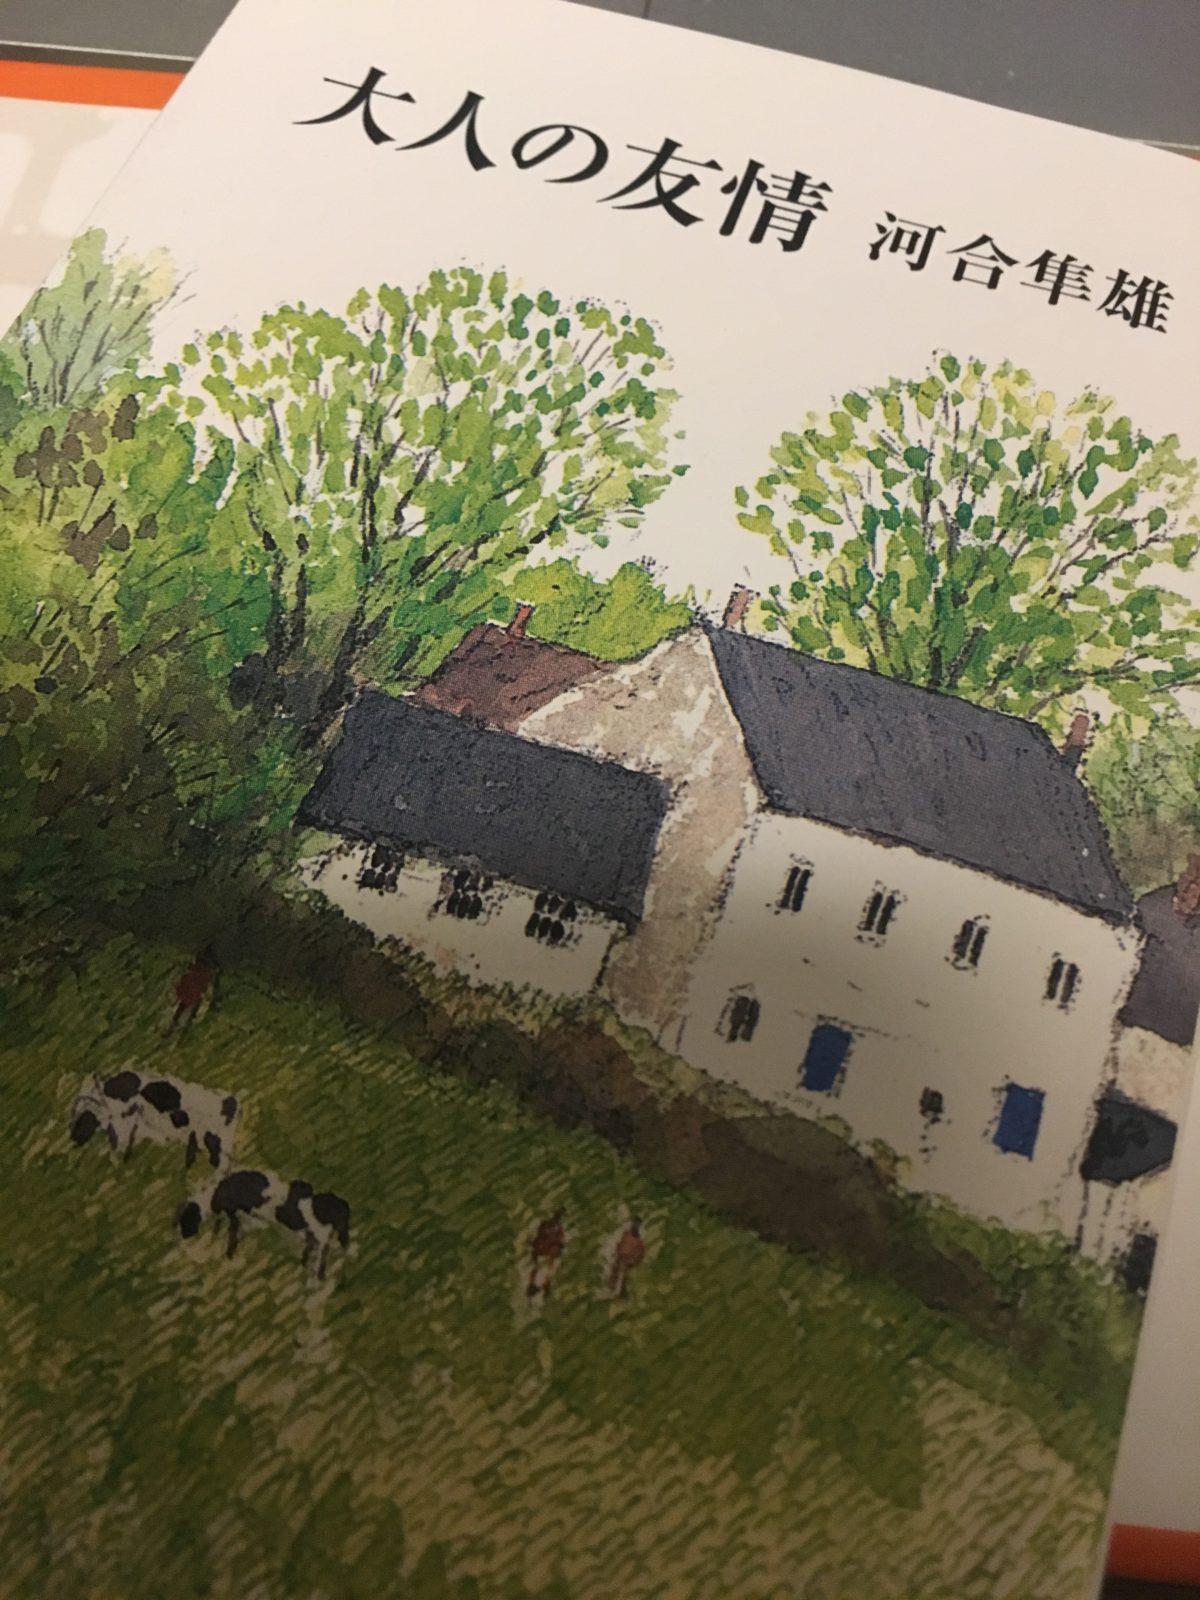 読書のウォーミングアップの友 河合隼雄 「大人の友情」